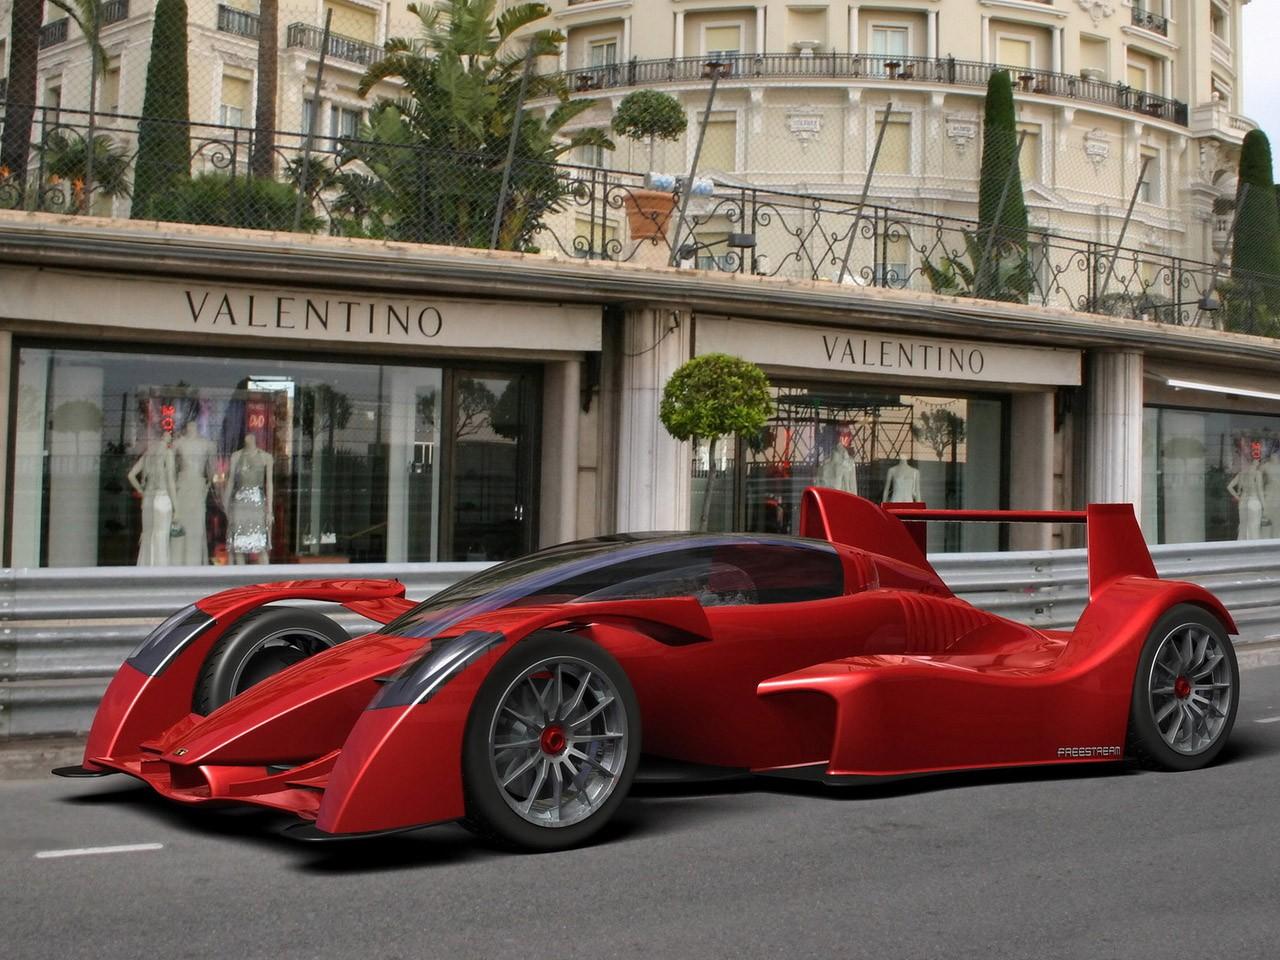 2006 Caparo T1 Design